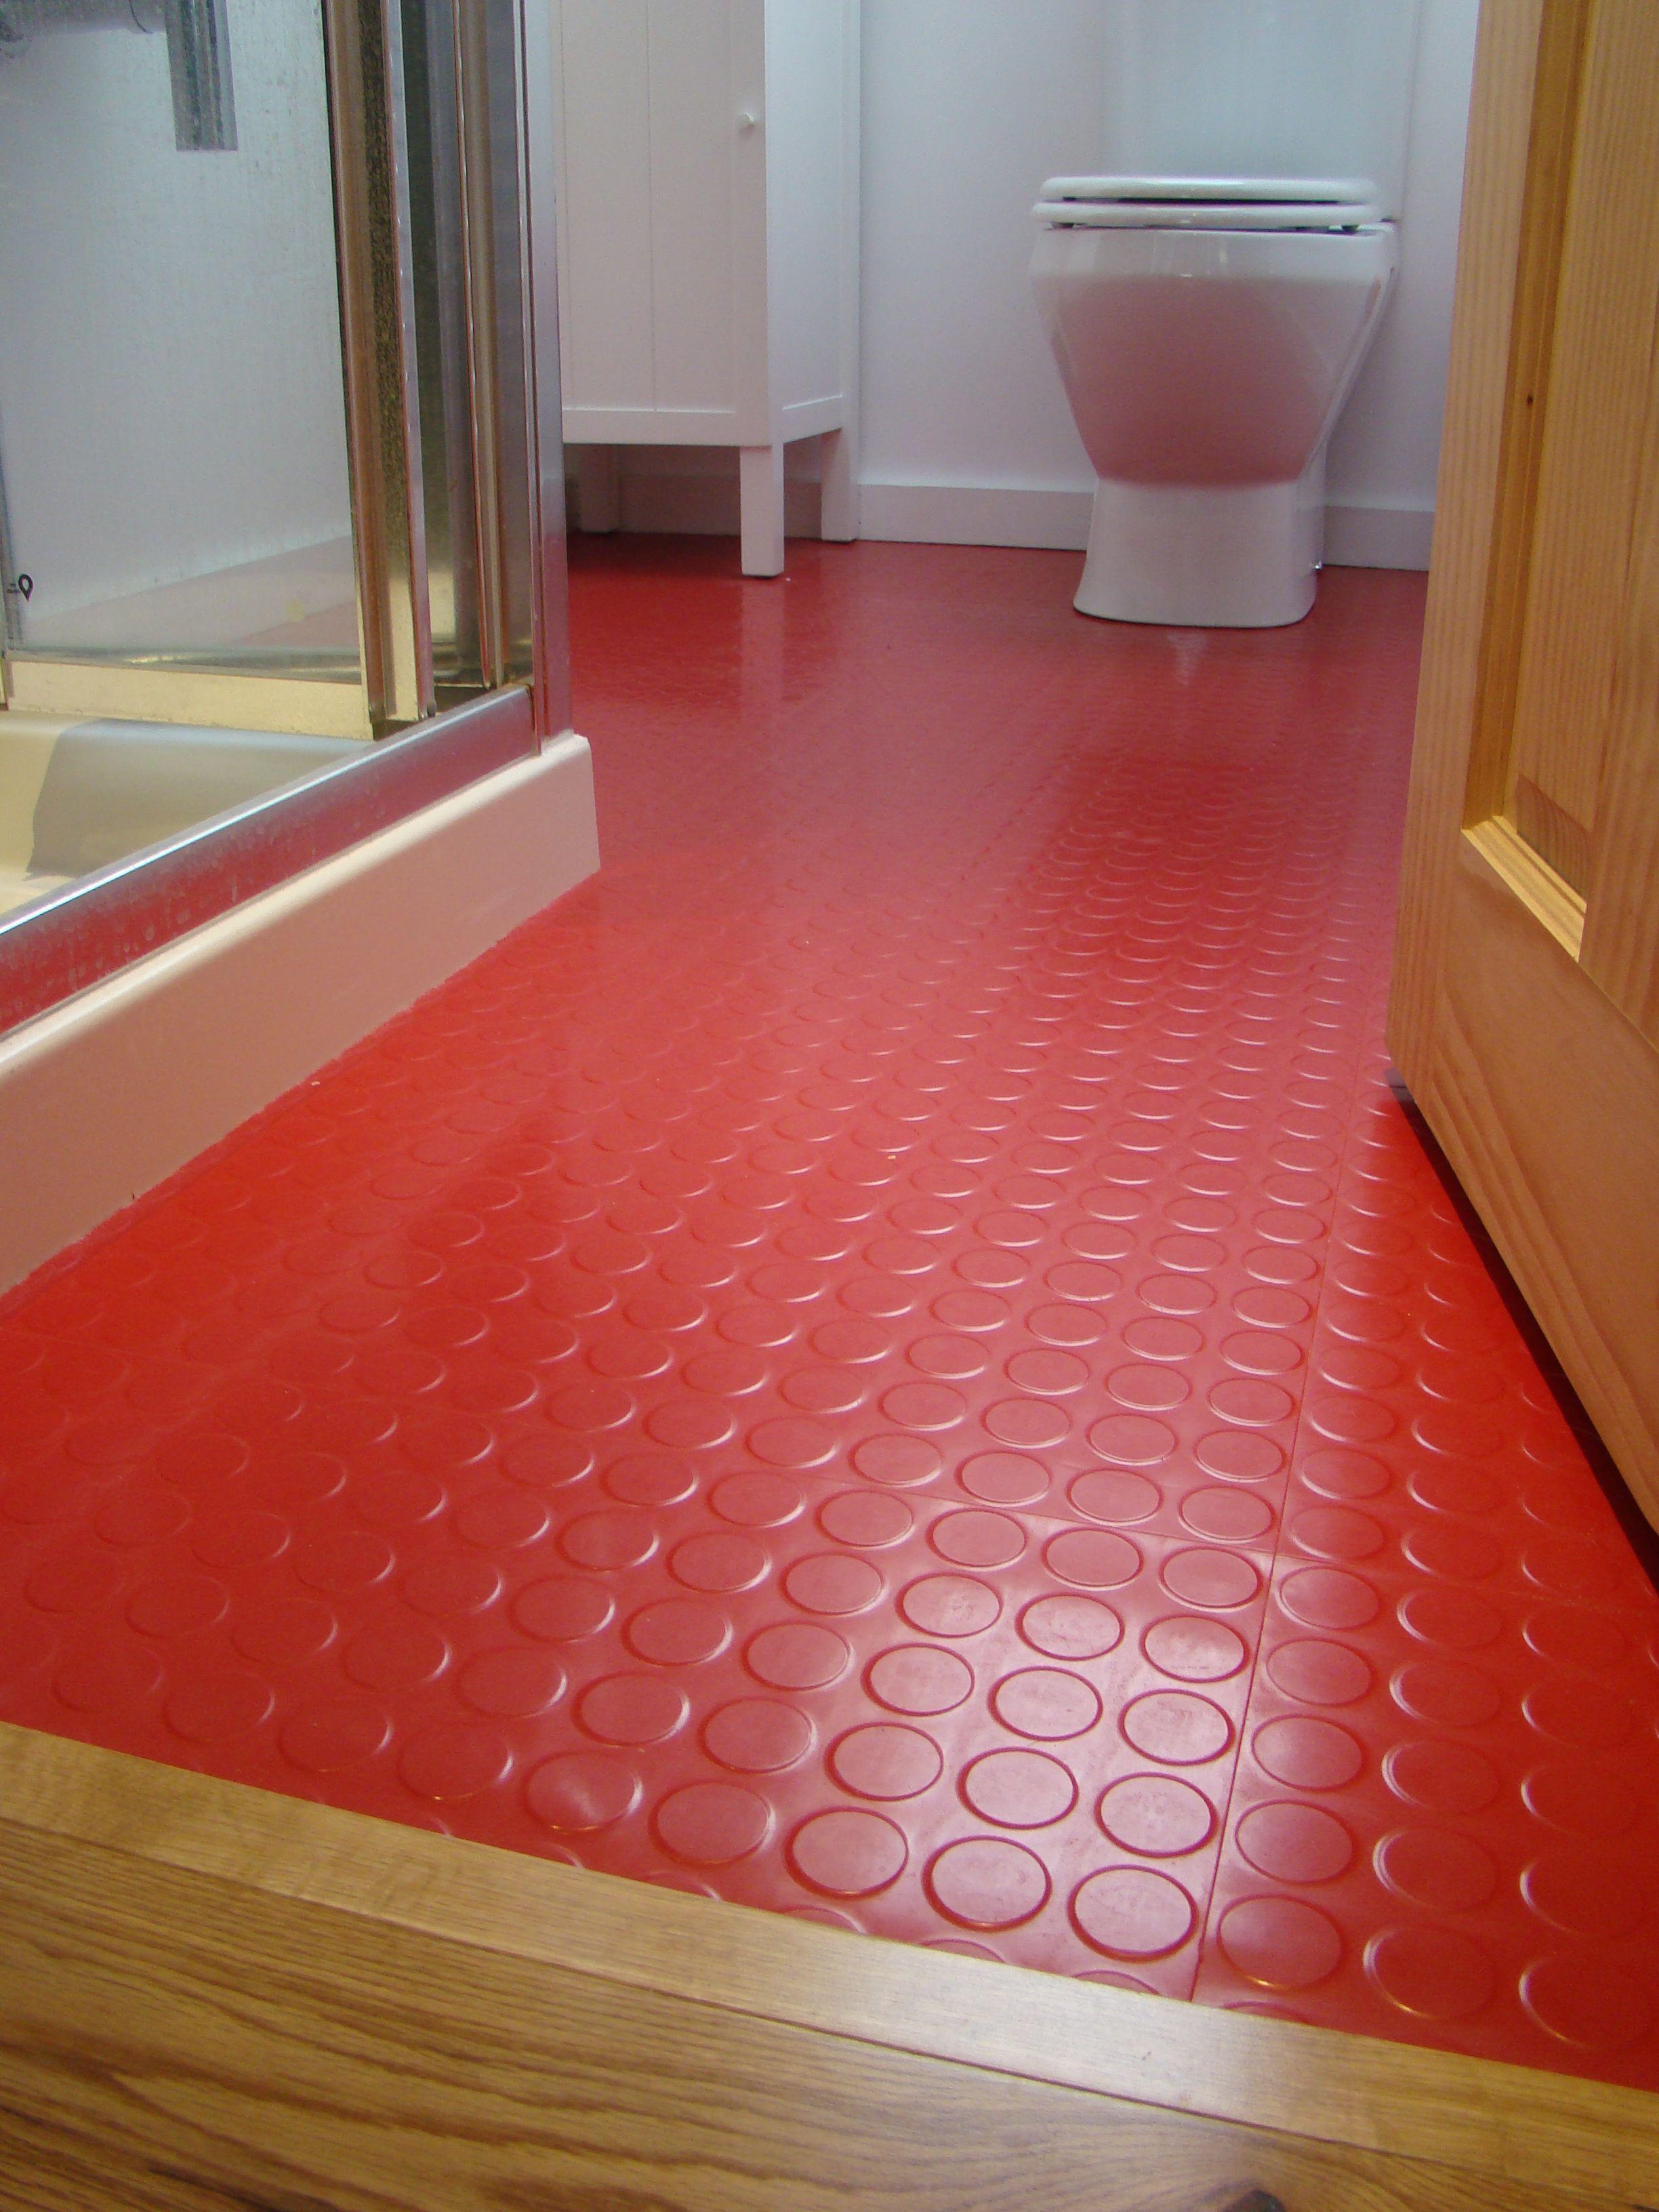 Basement Rubber Floor Tiles In 2020 Rubber Flooring Bathroom